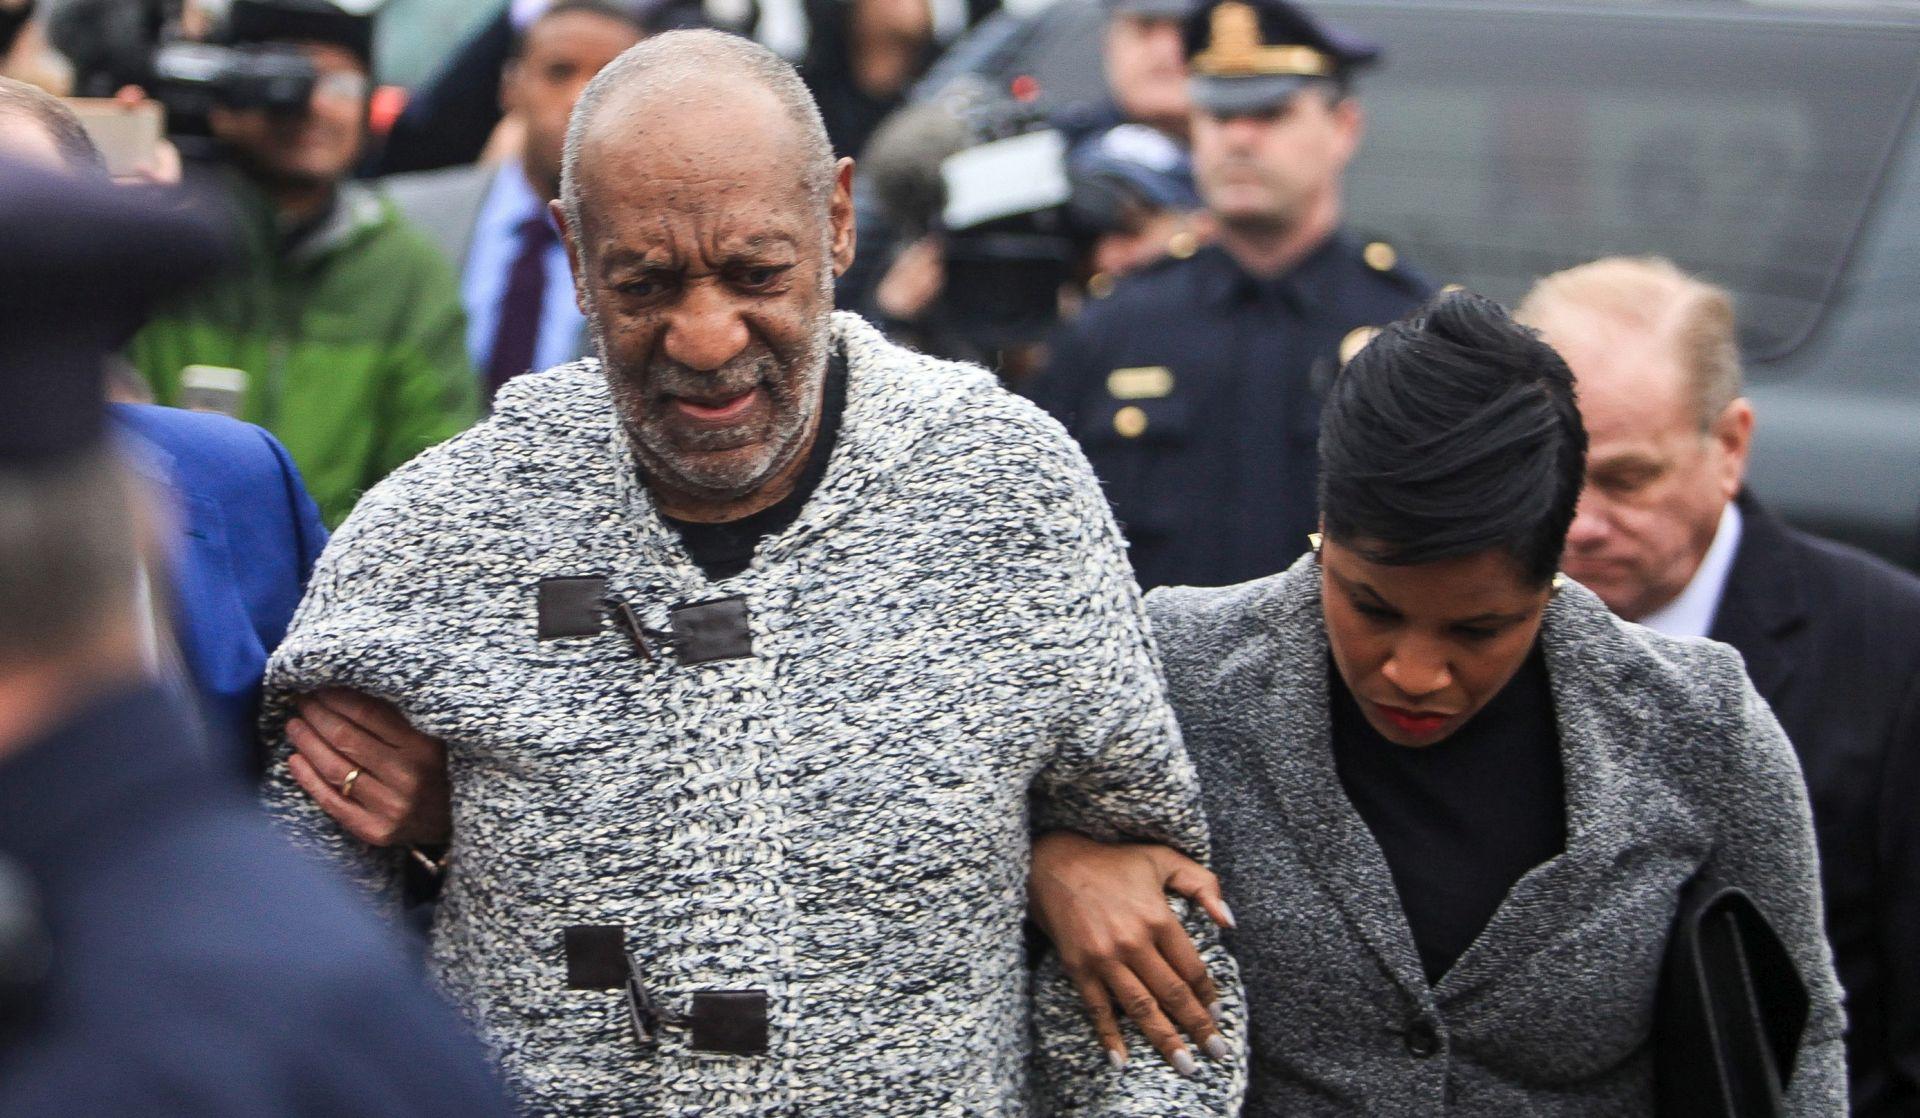 Bill Cosby u prvom intervjuu: Nevin sam i ne žalim ni zbog čega